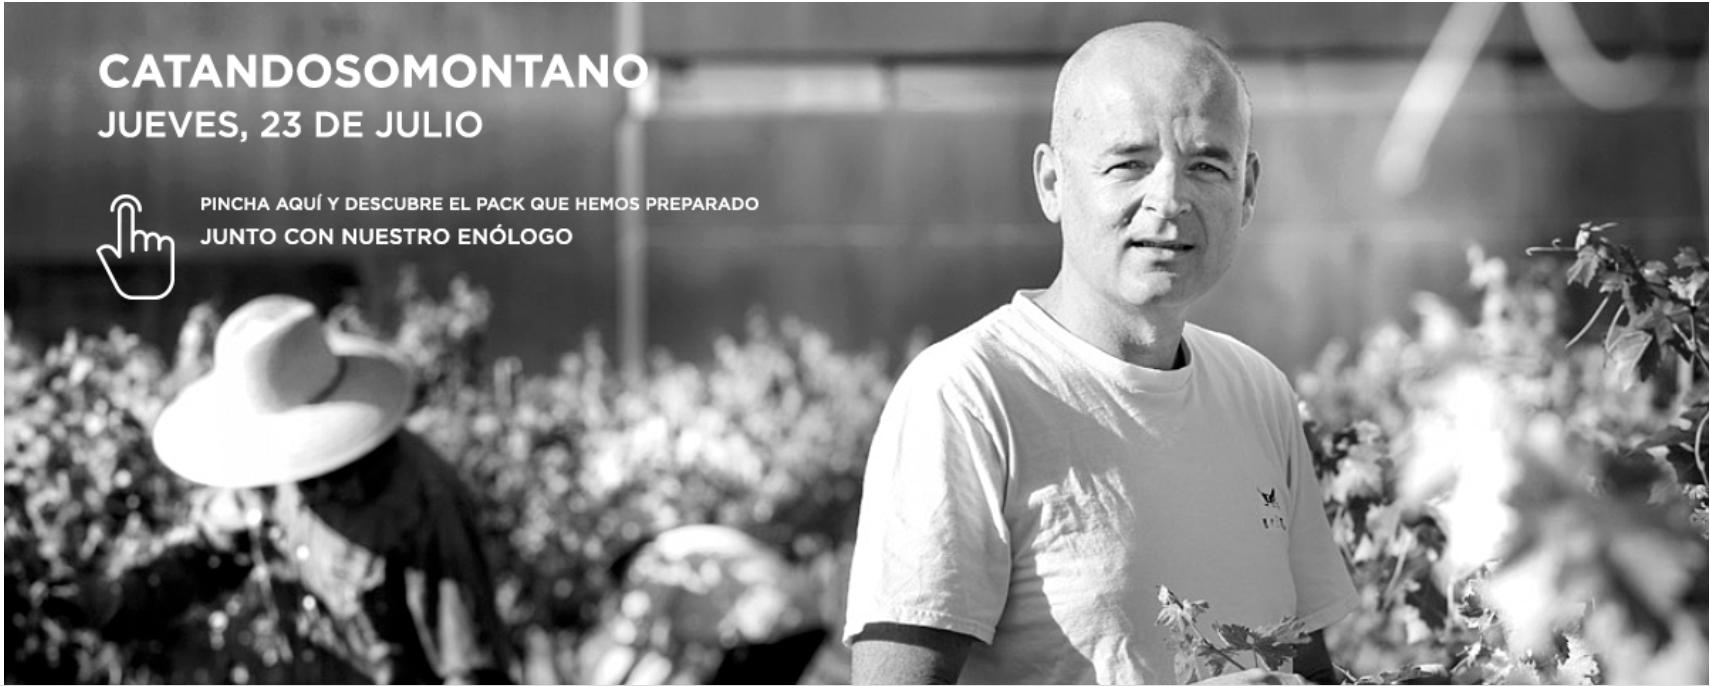 CatanDO Somontano: Cata virtual de El Grillo y la Luna